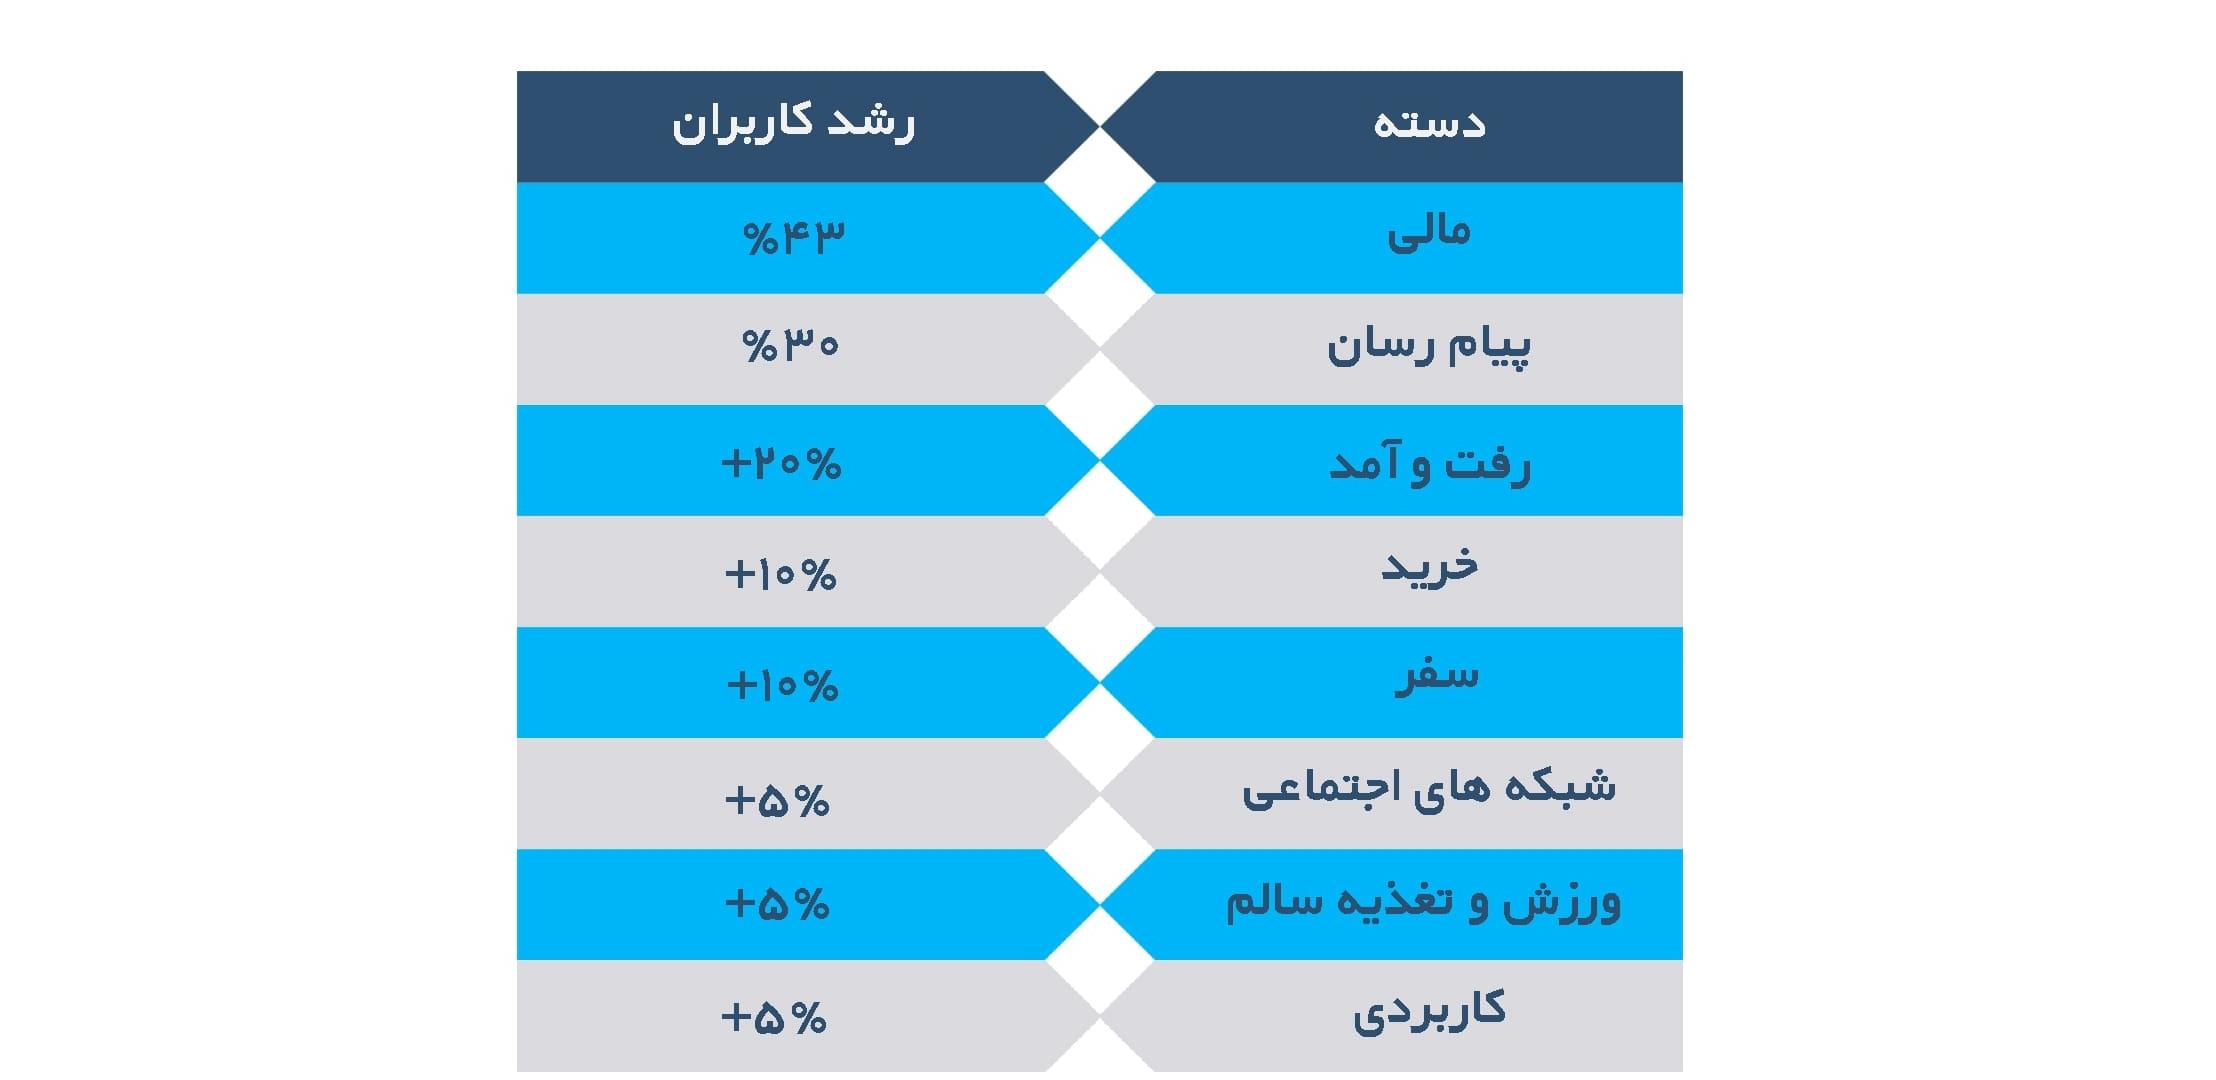 موفق ترین اپ های ایرانی در جذب کاربران در سال ۹۷